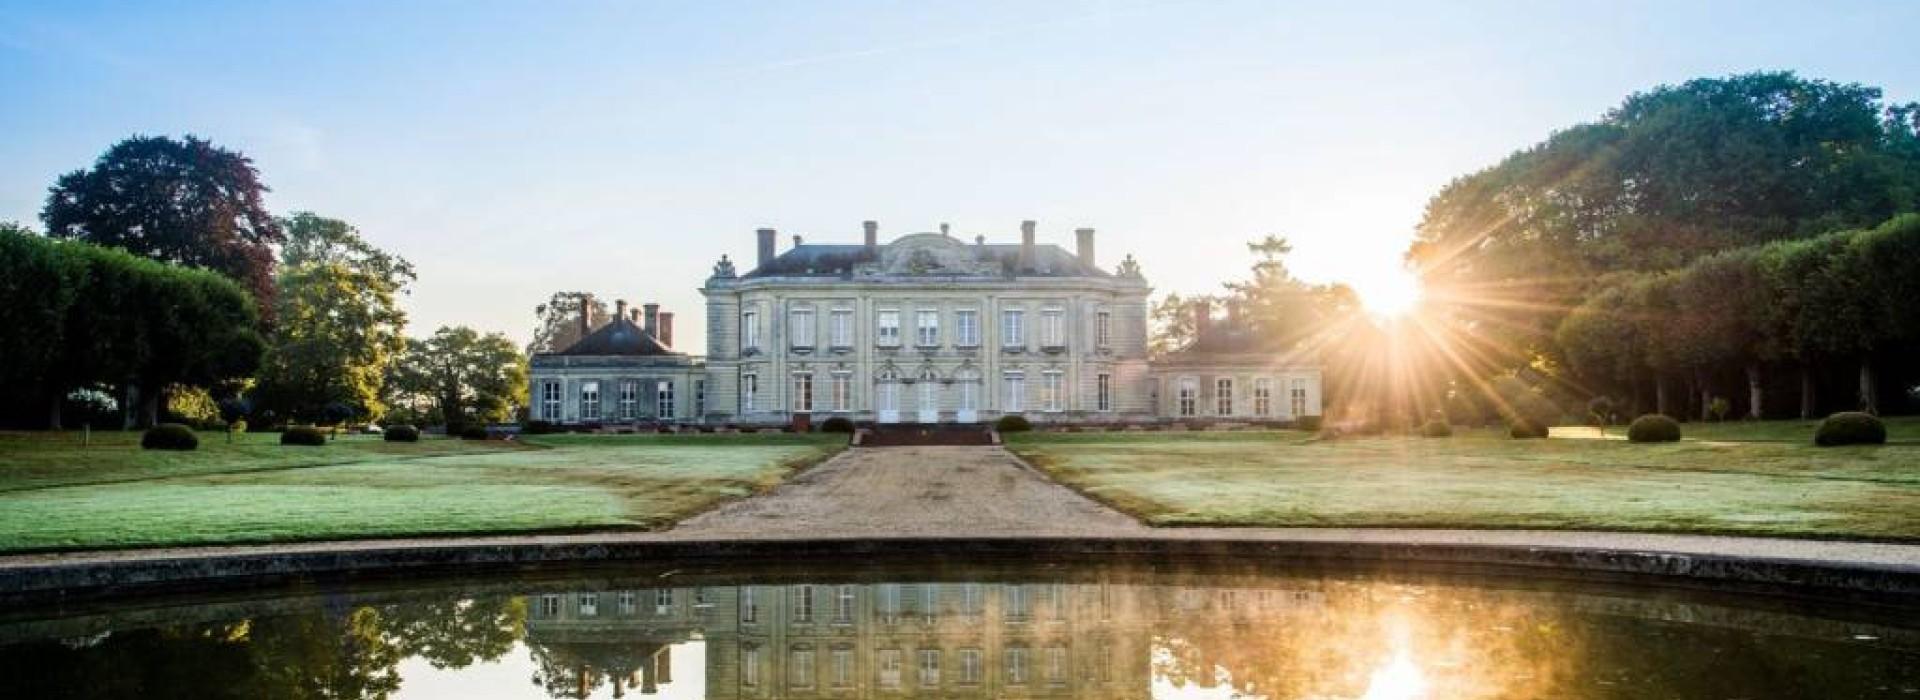 Chambres d 39 hotes du chateau de craon chambres d 39 h tes en pays de la loire - Chambre d hote en mayenne ...